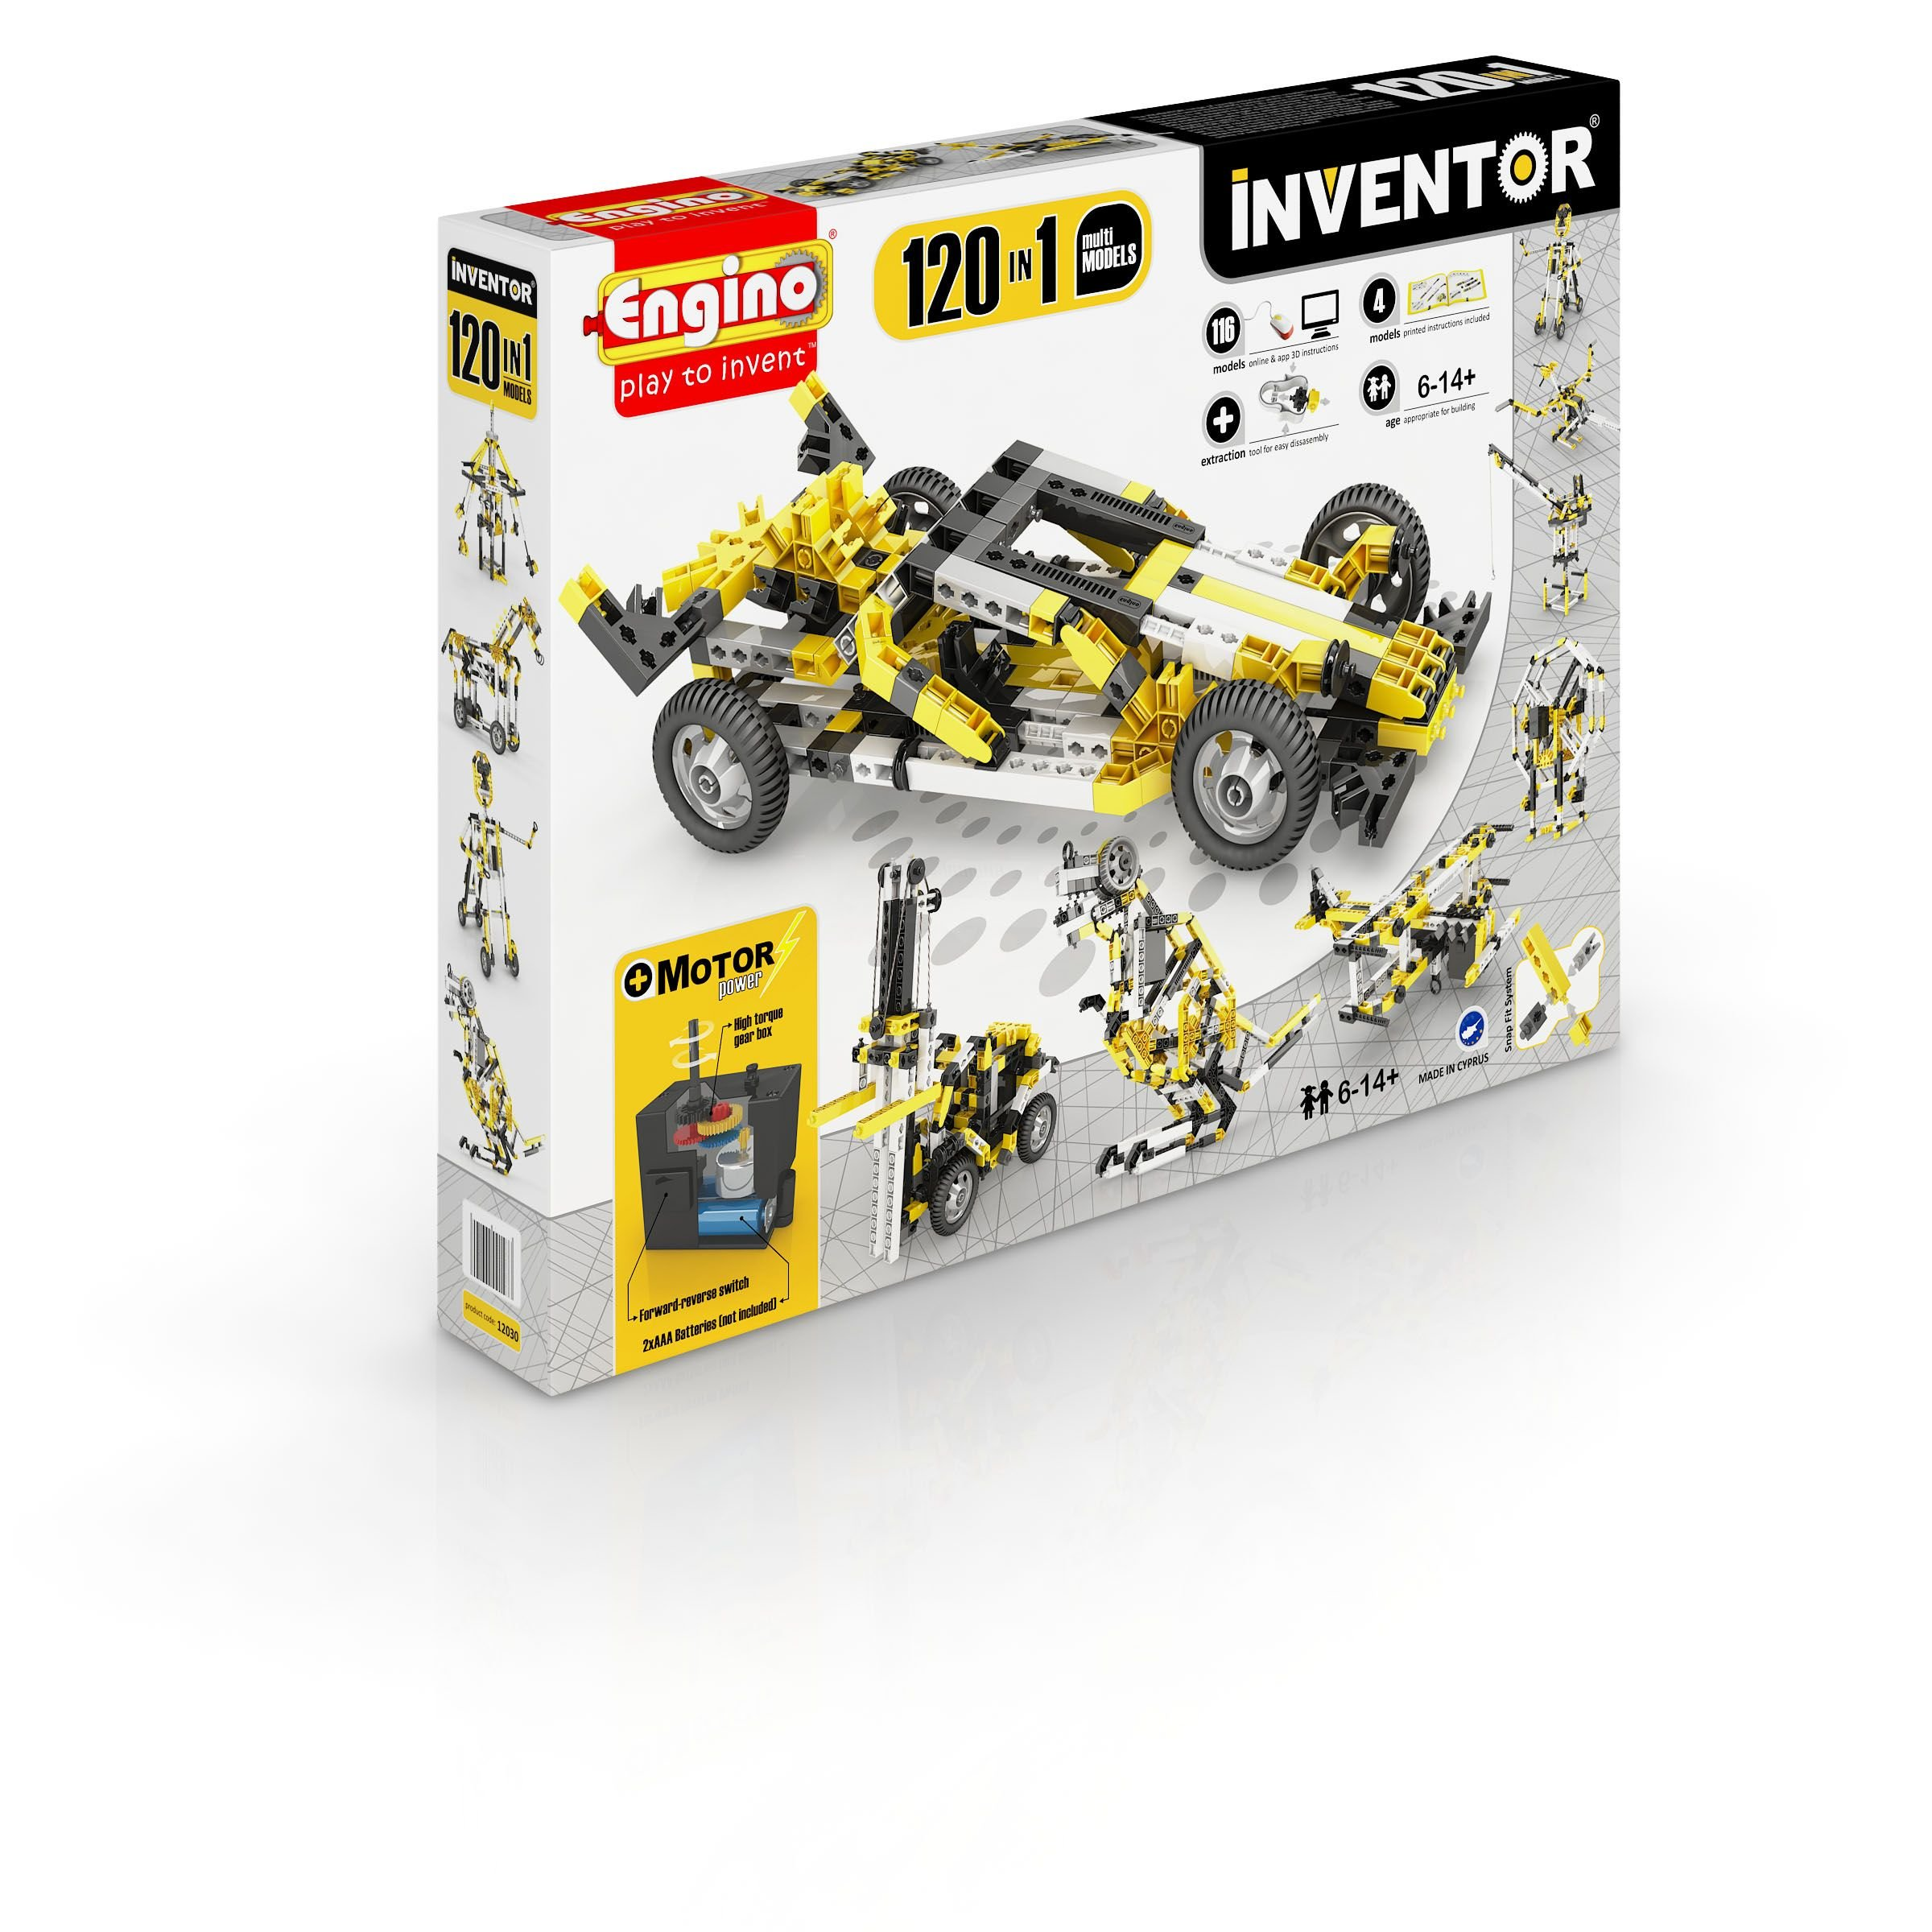 Конструктор Engino Inventor С мотором Набор из 120 моделей 12030